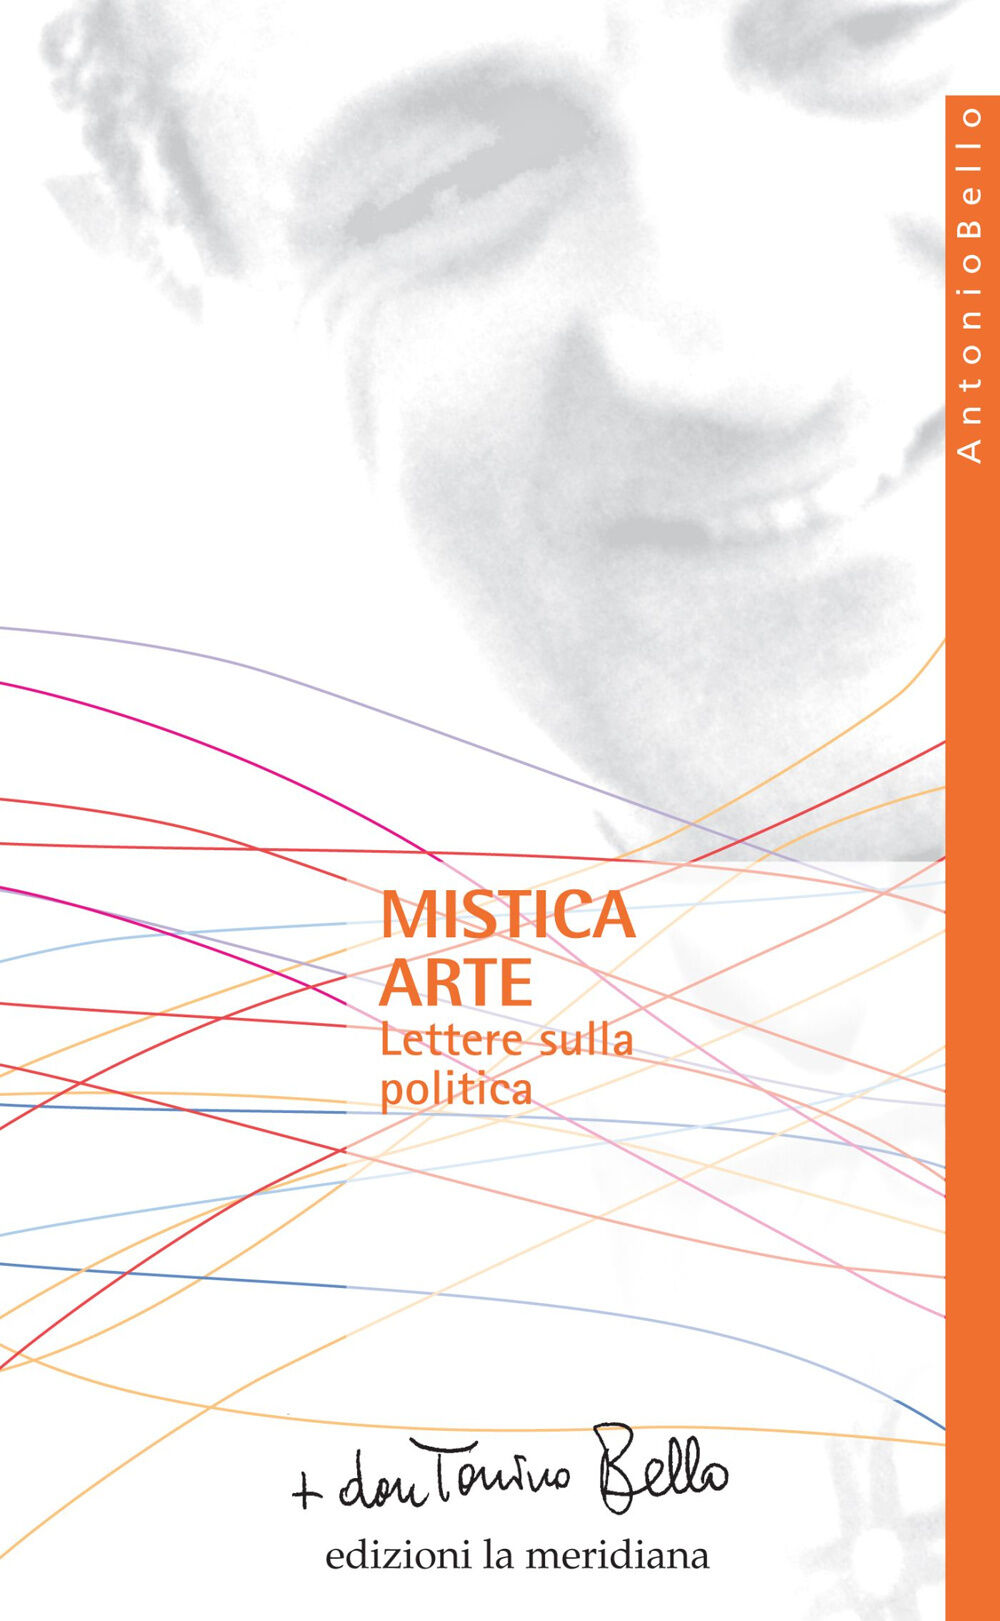 Mistica arte. Lettere sulla politica